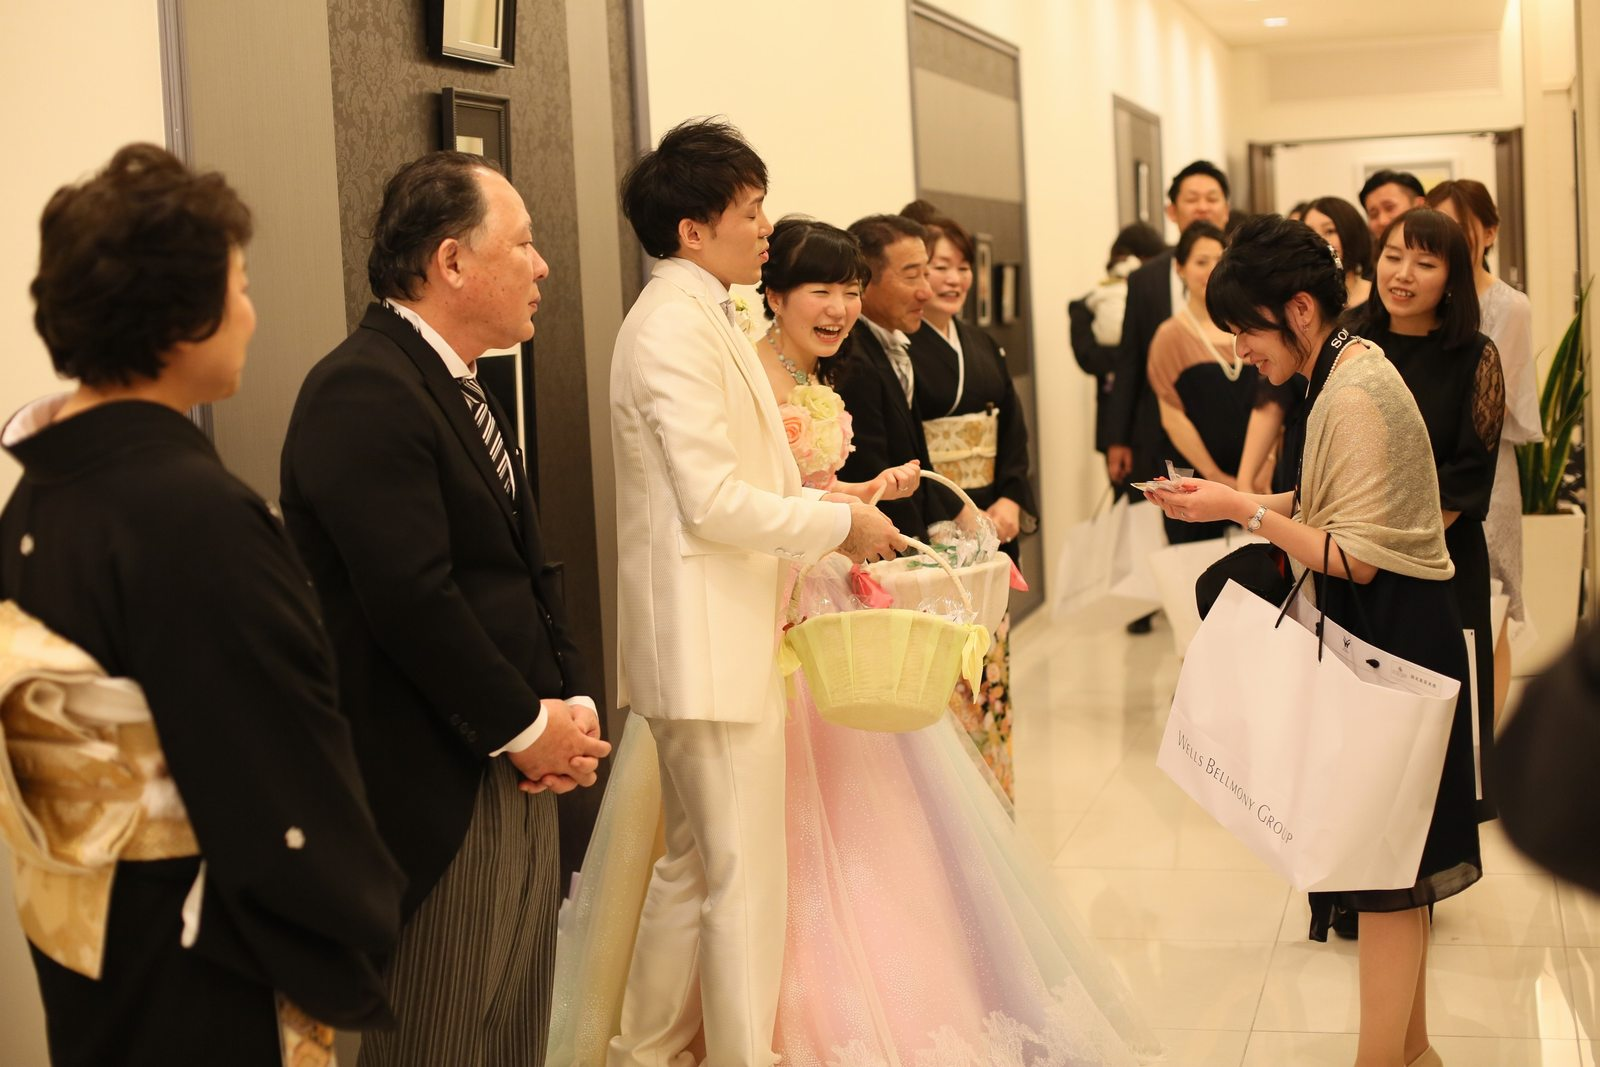 徳島市の結婚式場ブランアンジュで披露宴後にゲスト全員へプチギフトをプレゼント